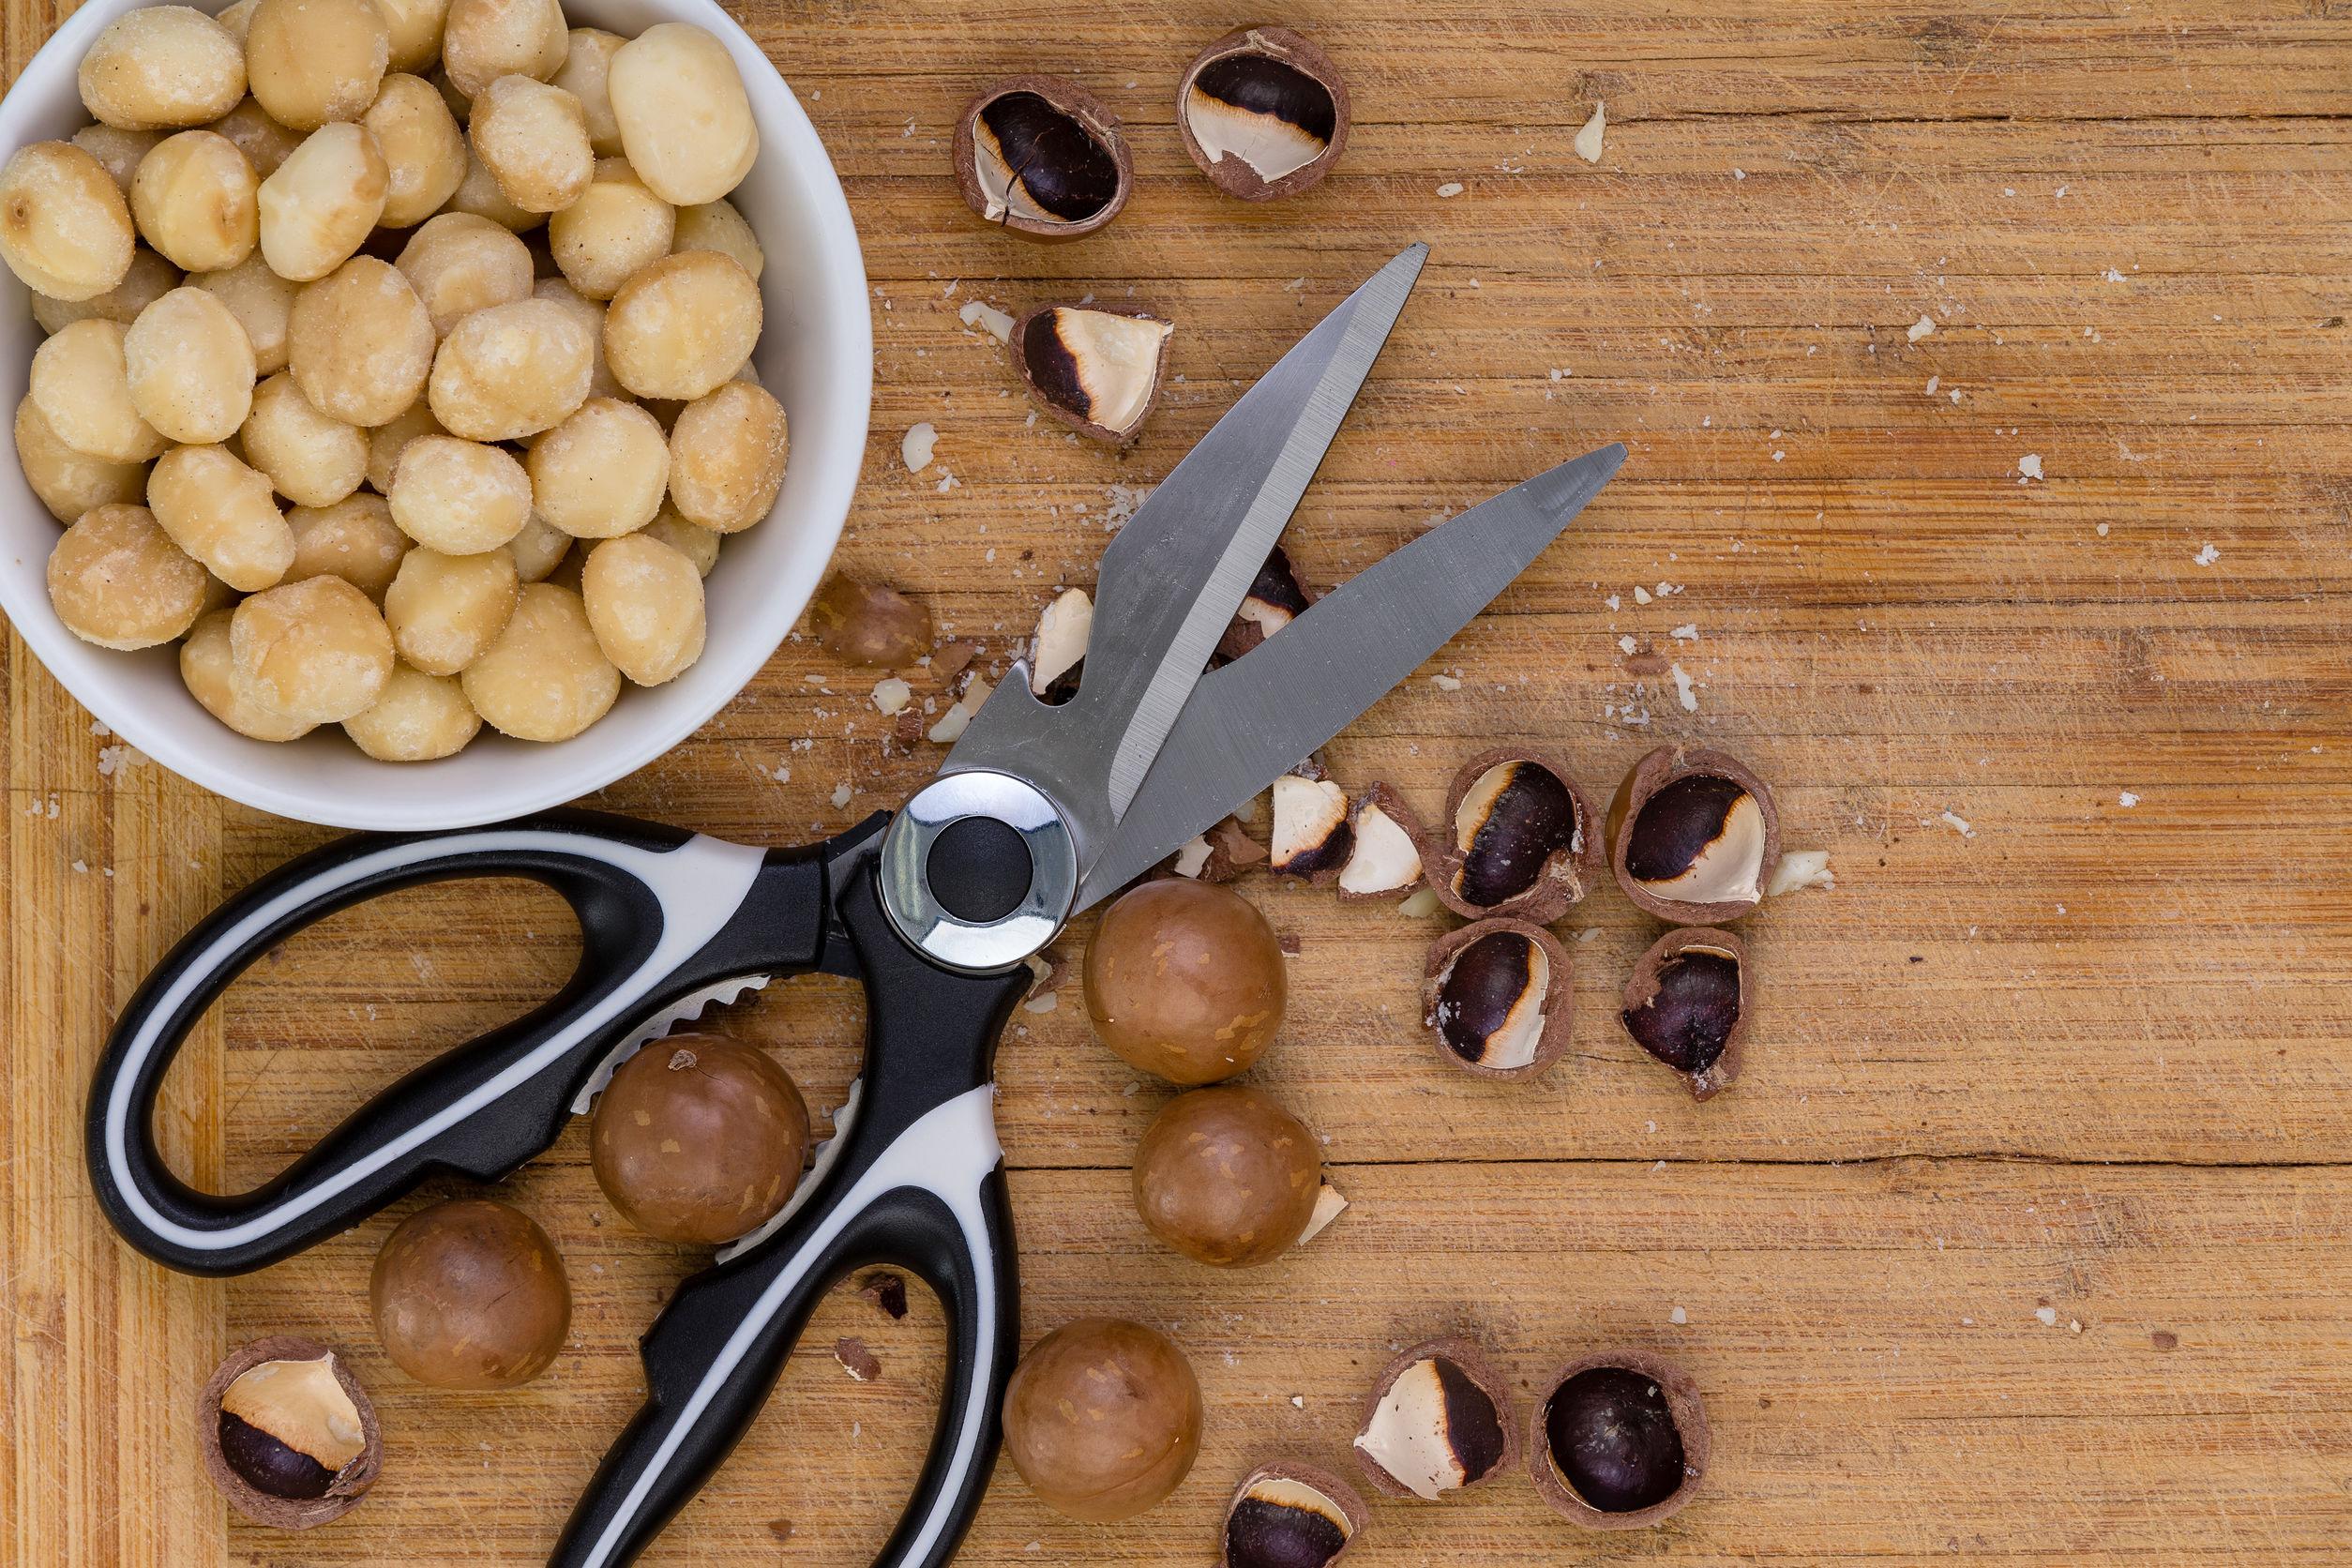 Par de tijeras de cocina o tijeras con nueces de macadamia sin cáscara, agrietadas y enteras sobre una tabla de cortar de madera de bambú visto de cerca desde arriba